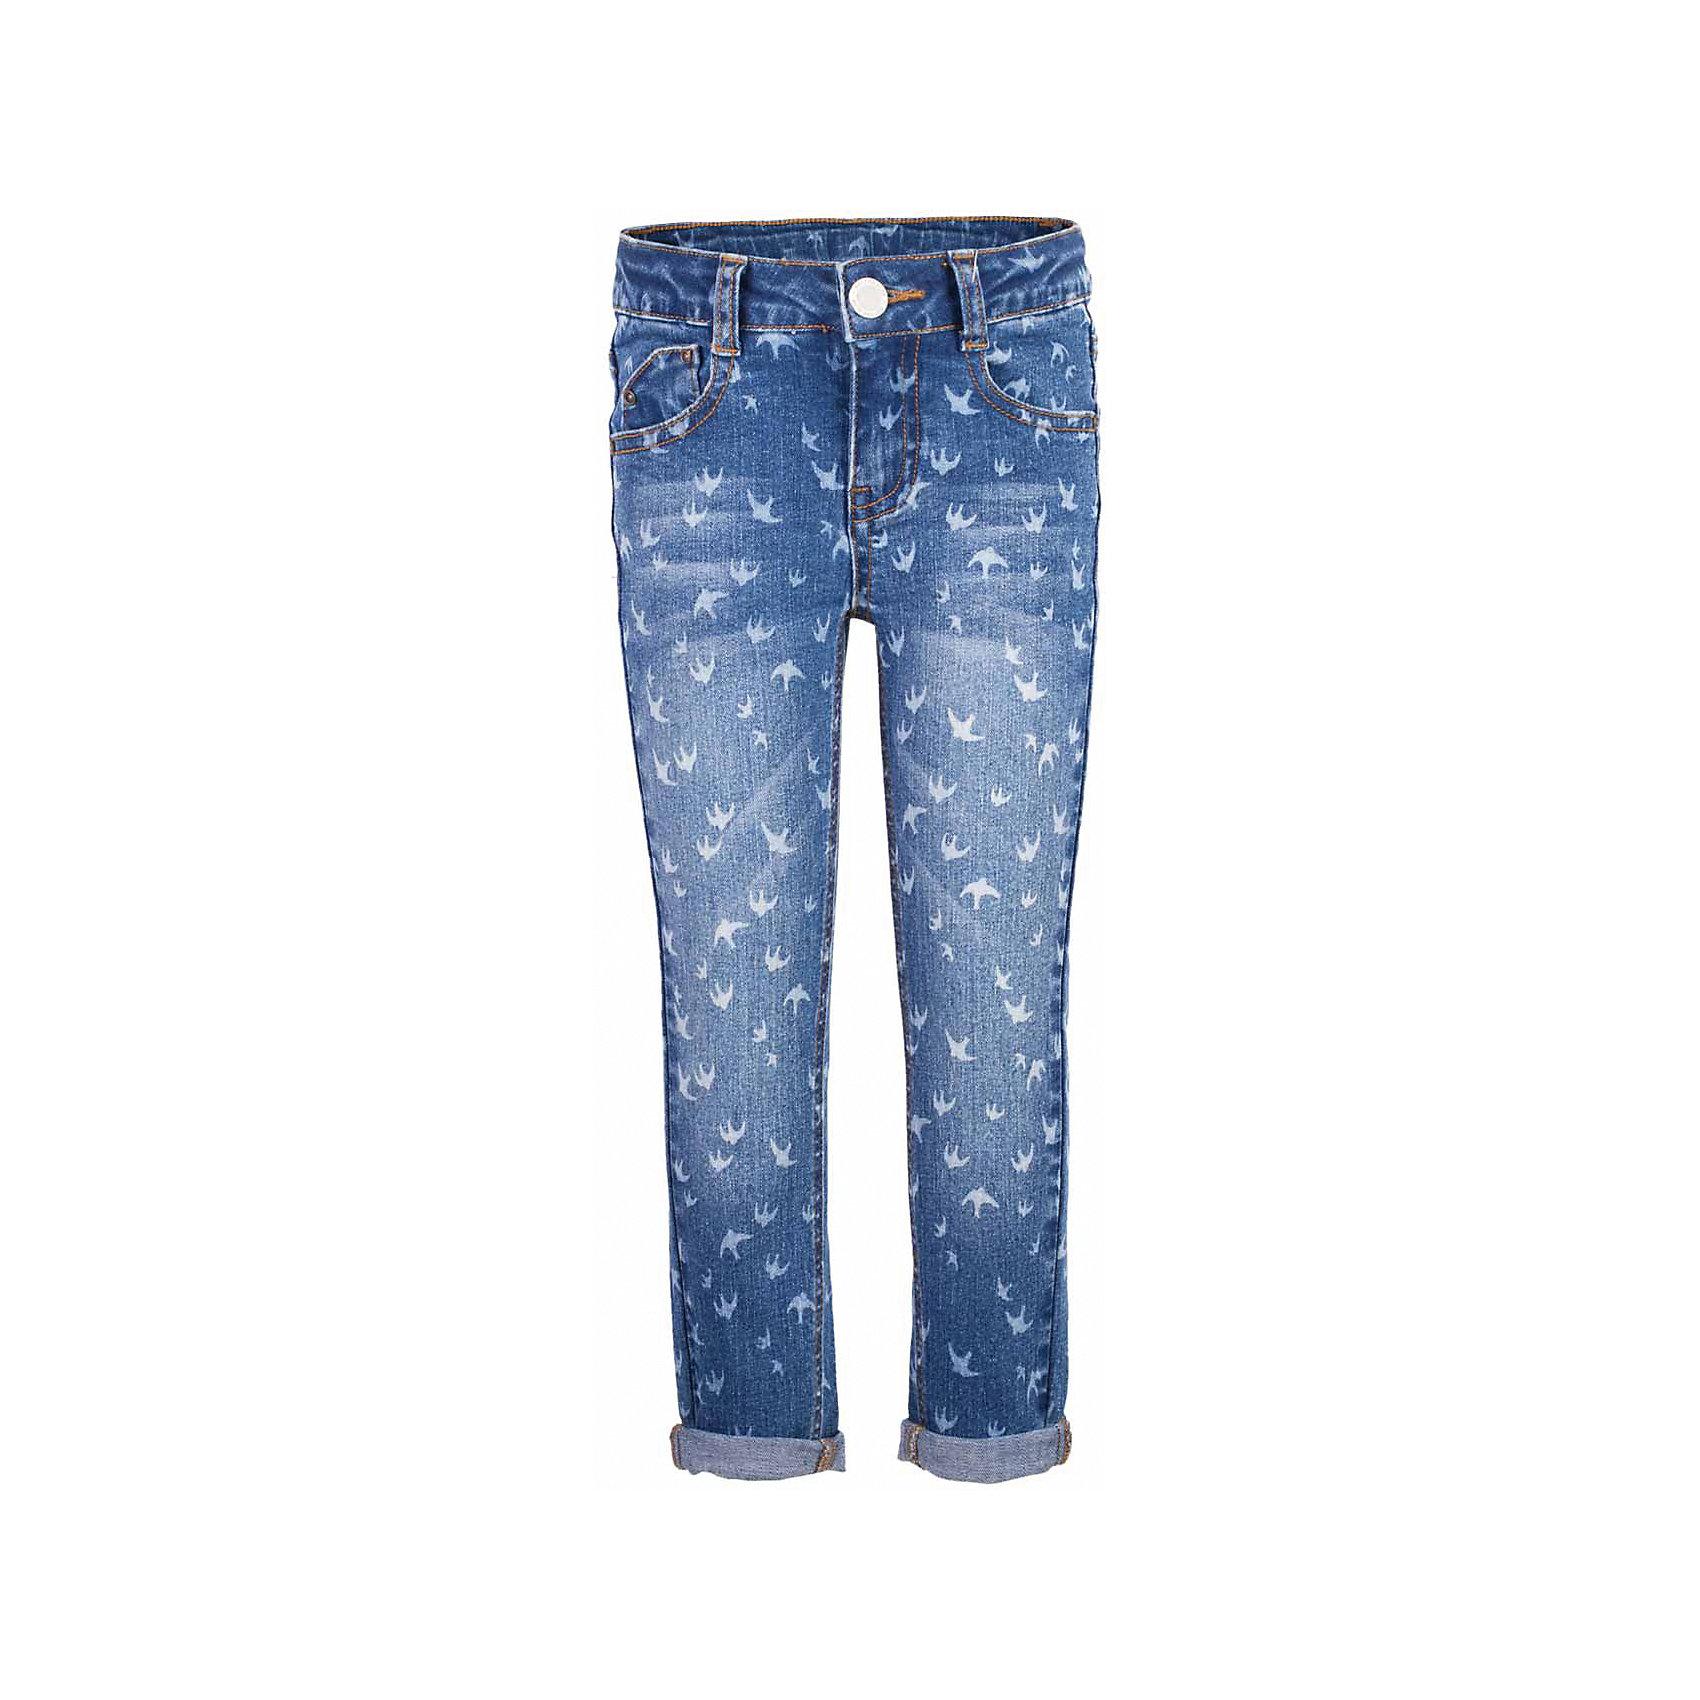 Джинсы для девочки  BUTTON BLUEДжинсовая одежда<br>Джинсы для девочки  BUTTON BLUE<br>Классные голубые джинсы с рисунком — гарантия модного современного образа! Хороший крой,  удобная посадка на фигуре подарят девочке комфорт и свободу движений. Если вы хотите купить ребенку недорогие джинсы облегающего силуэта, модель от Button Blue - прекрасный выбор!<br>Состав:<br>99% хлопок 1%эластан<br><br>Ширина мм: 215<br>Глубина мм: 88<br>Высота мм: 191<br>Вес г: 336<br>Цвет: голубой<br>Возраст от месяцев: 108<br>Возраст до месяцев: 120<br>Пол: Женский<br>Возраст: Детский<br>Размер: 140,146,152,158,98,104,110,116,122,128,134<br>SKU: 5523688